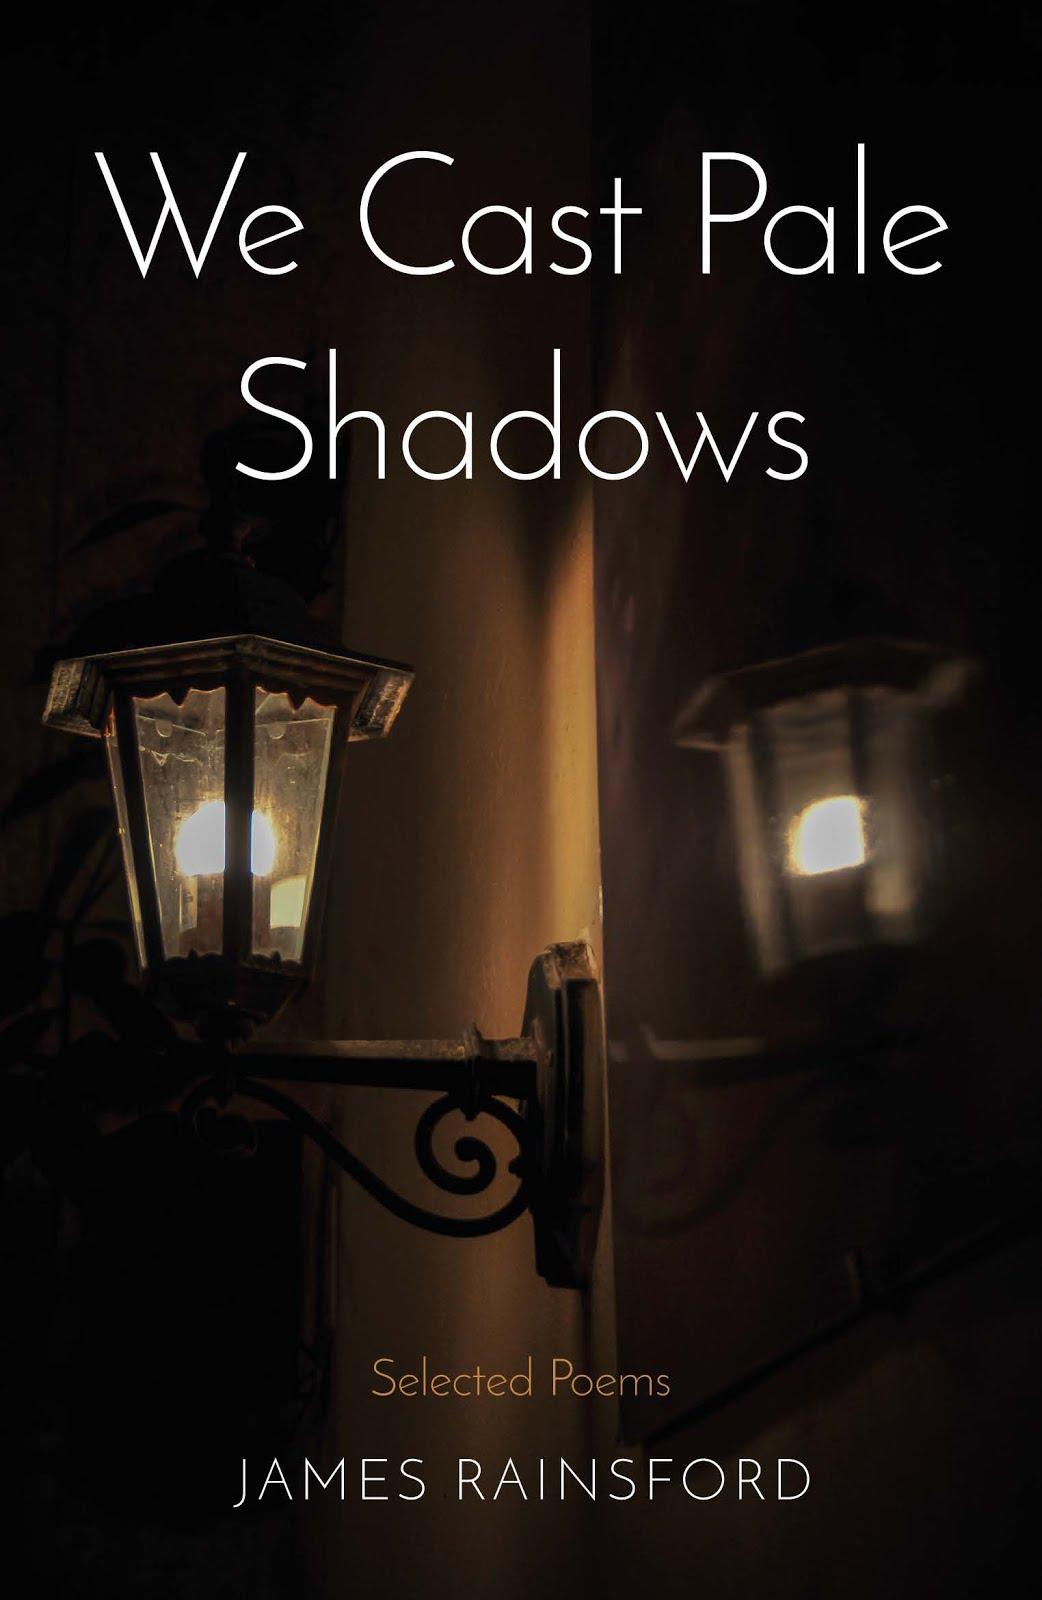 'We Cast Pale Shadows'